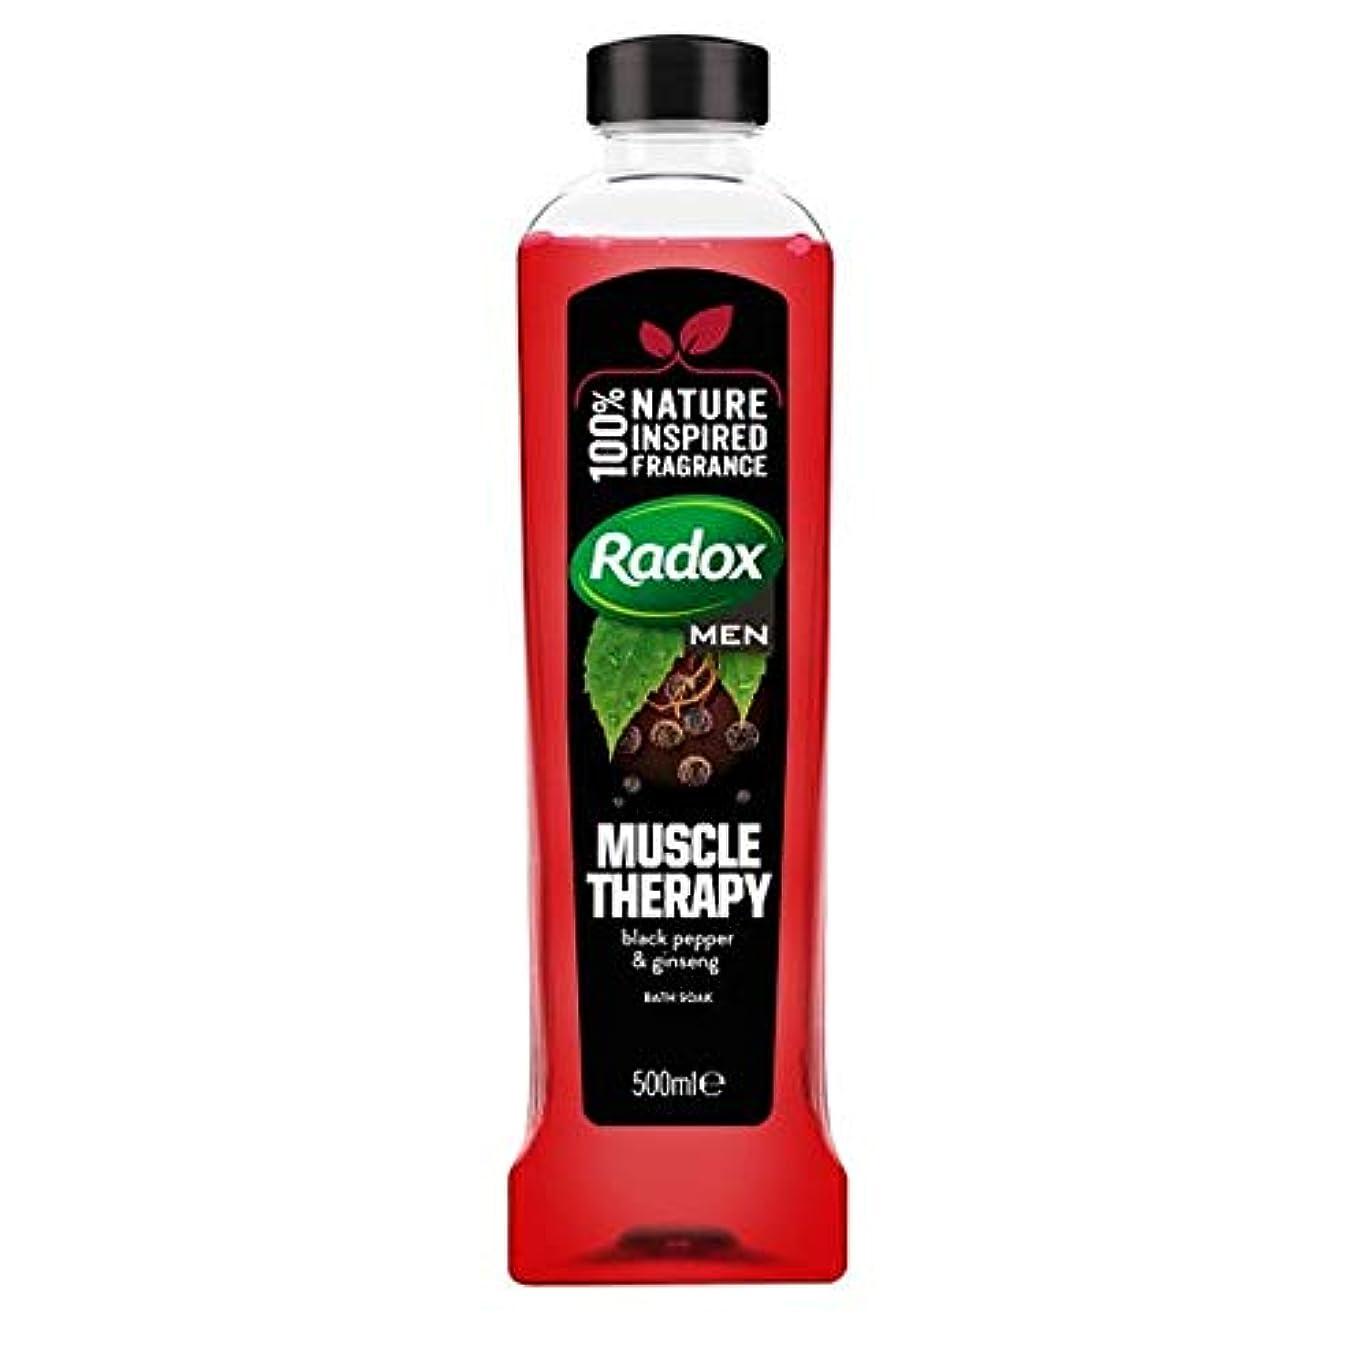 スリップ受け皿横たわる[Radox] Radox男性の筋肉療法浴が500ミリリットルを浸します - Radox Men Muscle Therapy Bath Soak 500Ml [並行輸入品]